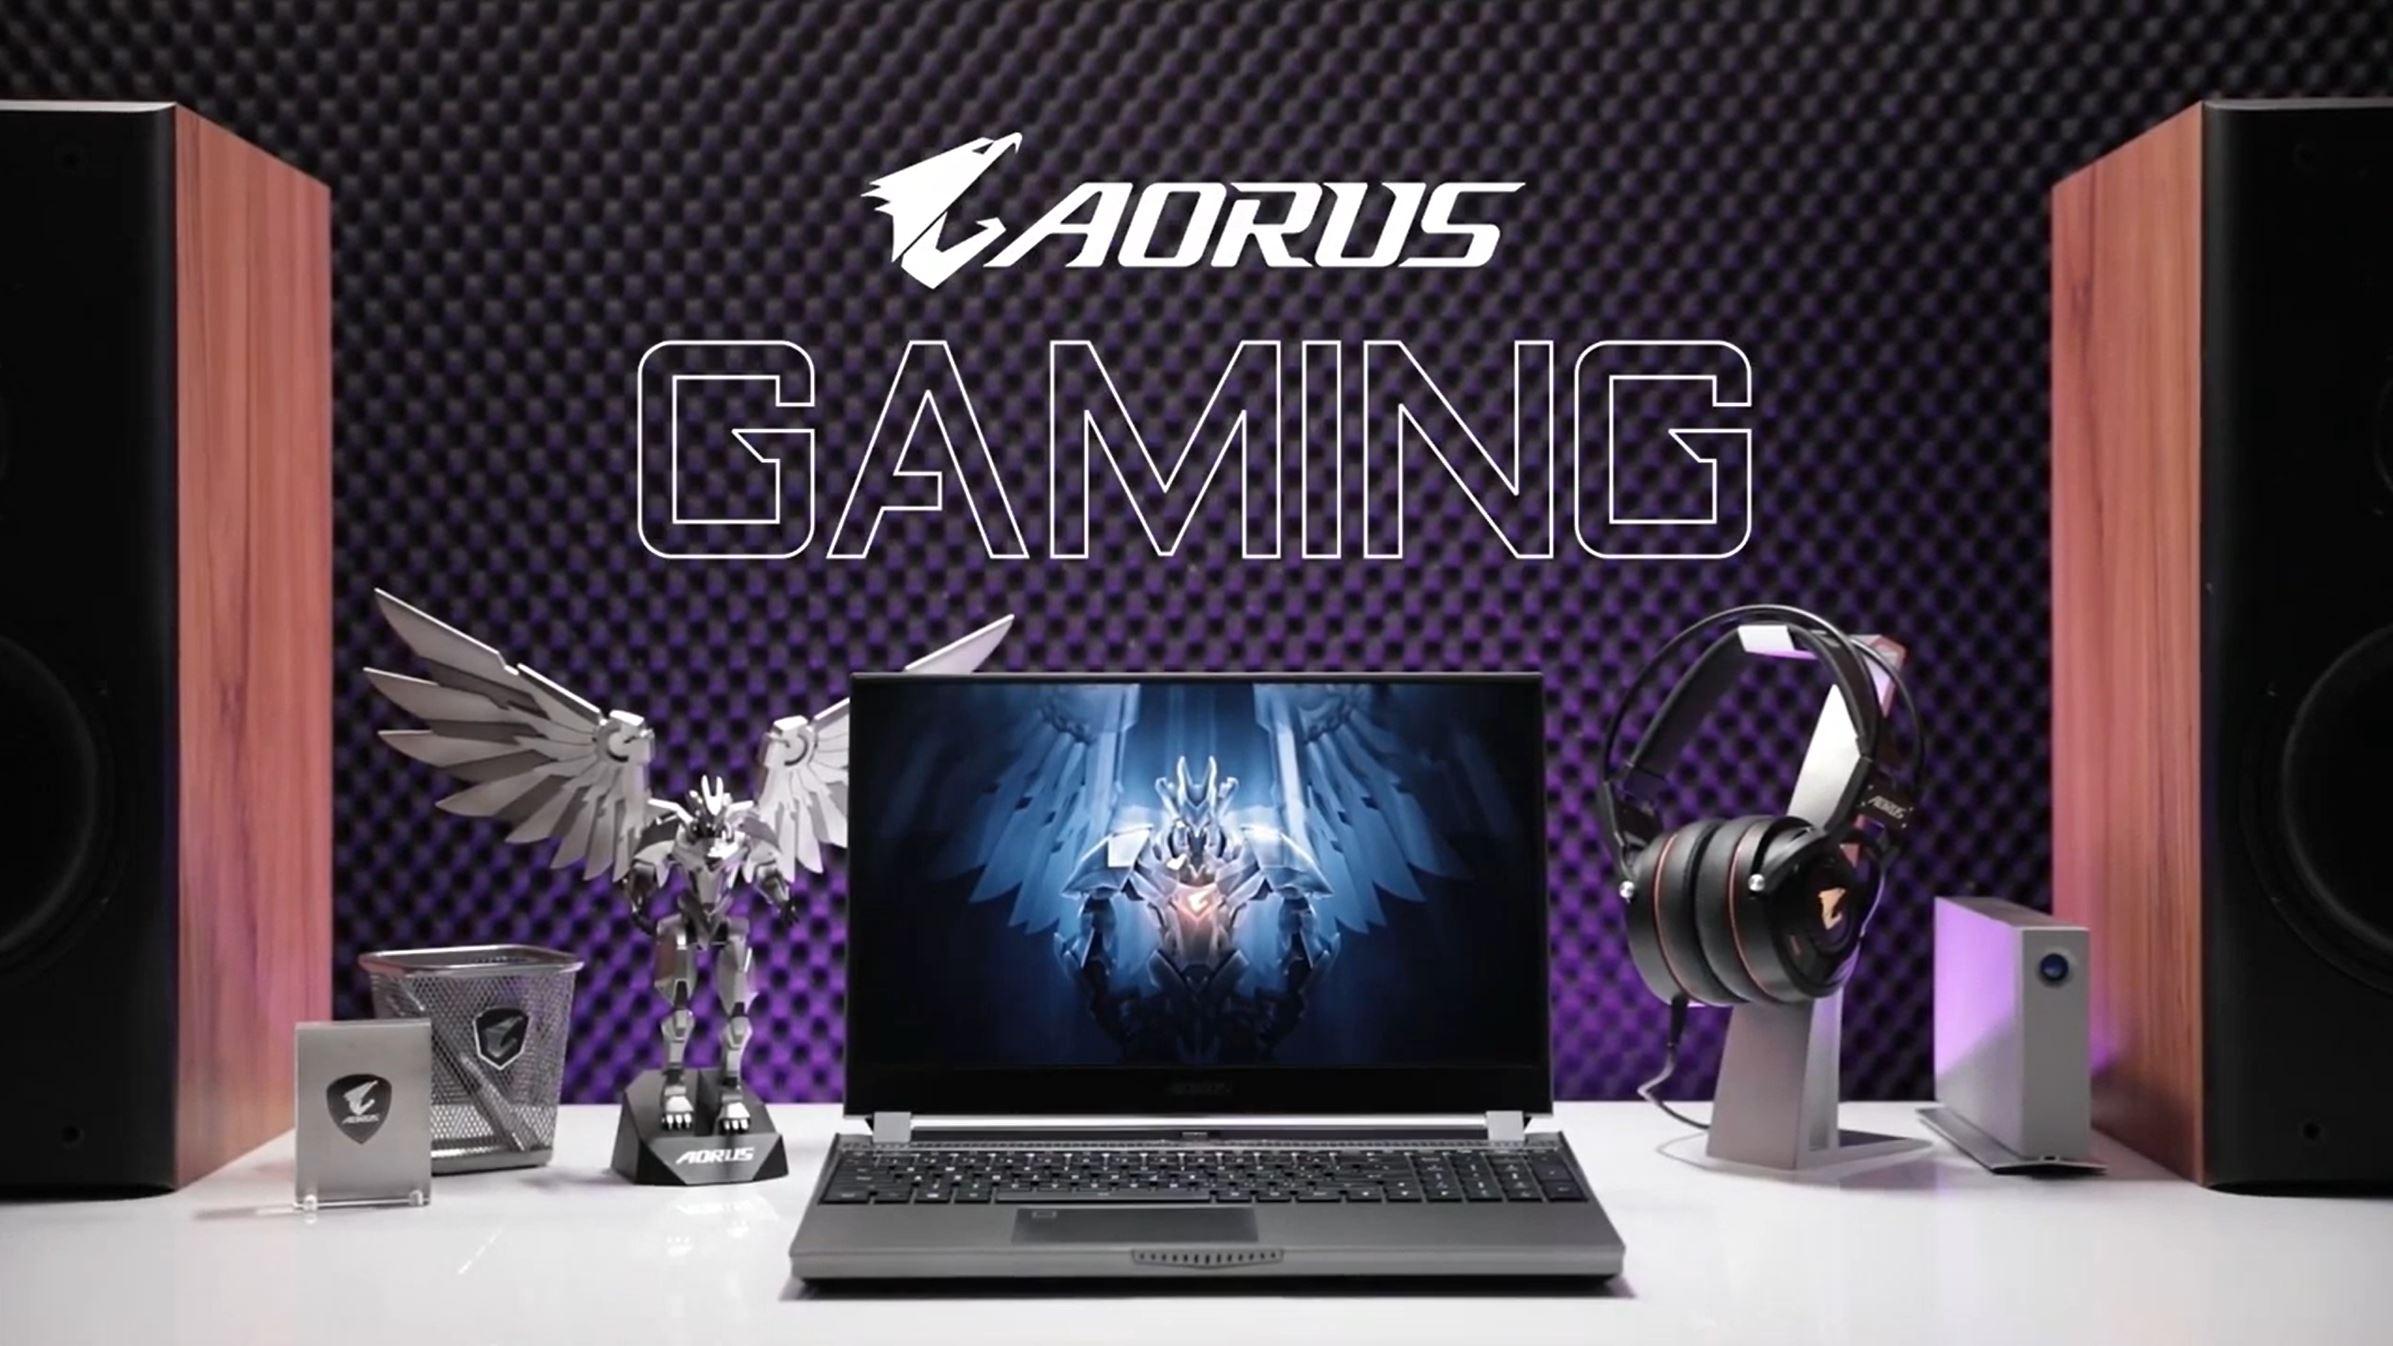 技嘉搭載Intel第10代系列創作者、電競筆電搶先發售 厚度砍半、重量砍半!世界最輕機械式鍵盤筆電AORUS 15G登場